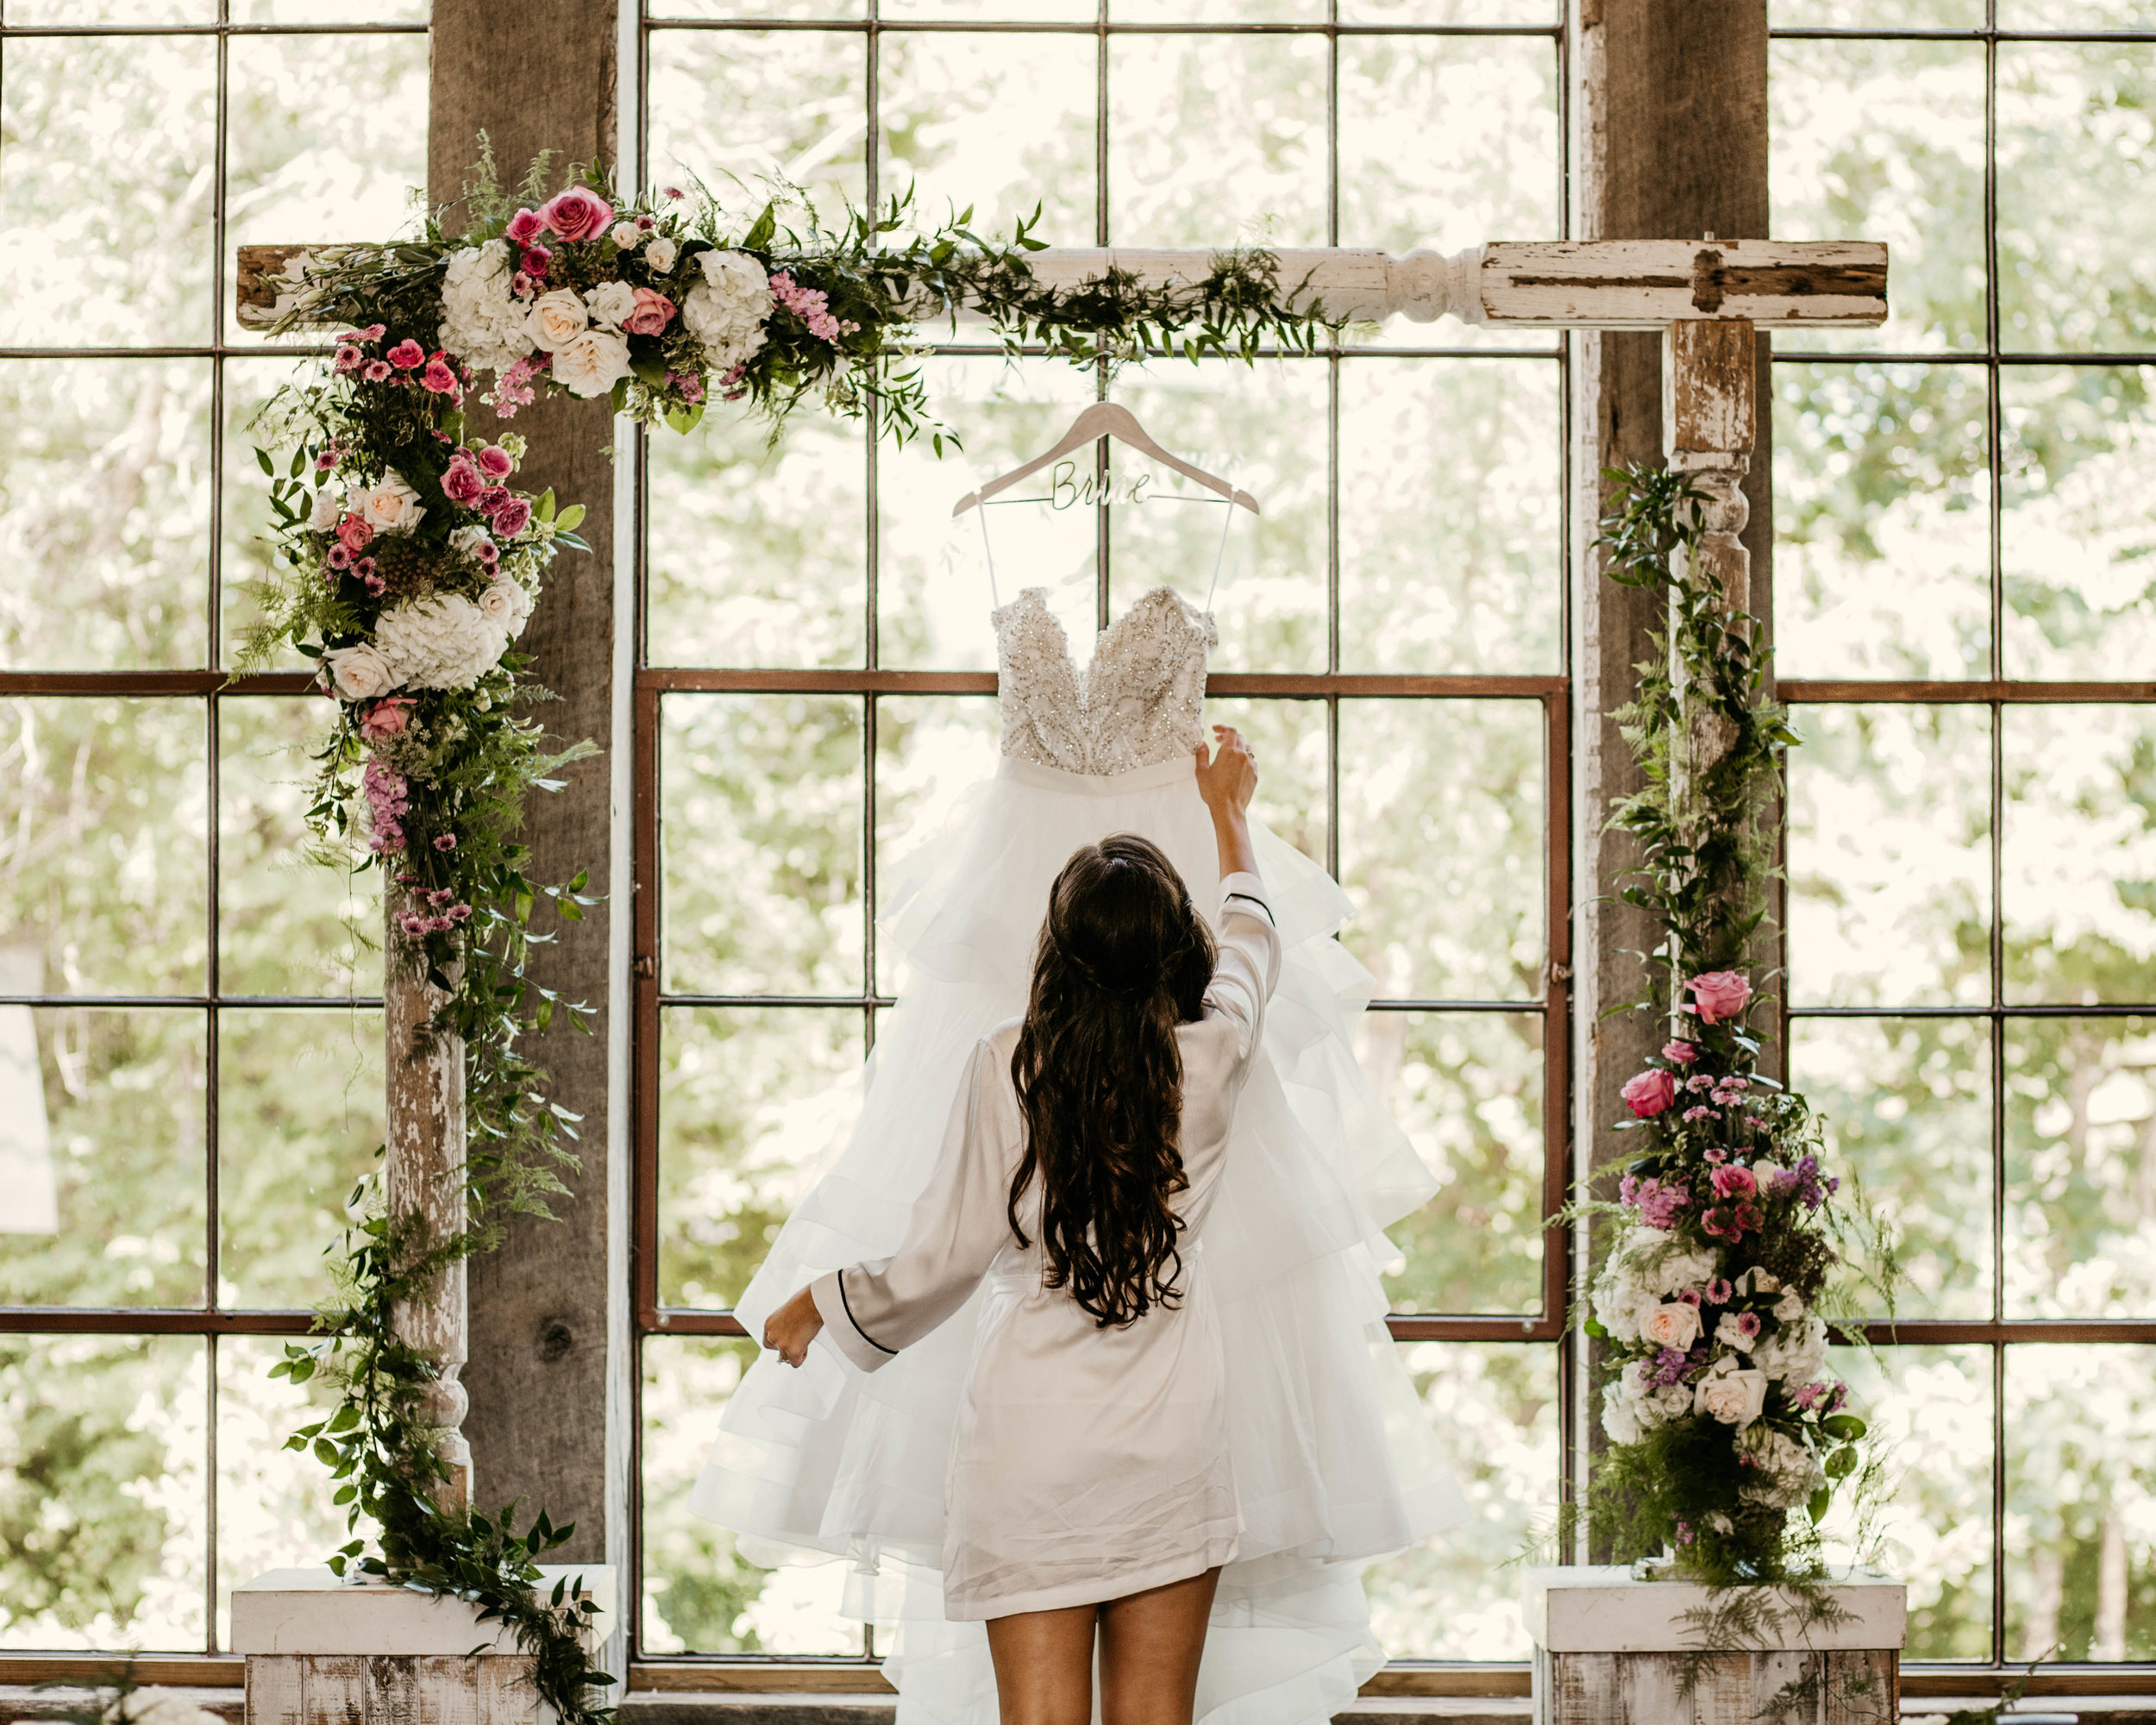 alyssa_taylor_big_sky_barn_wedding-6.jpg